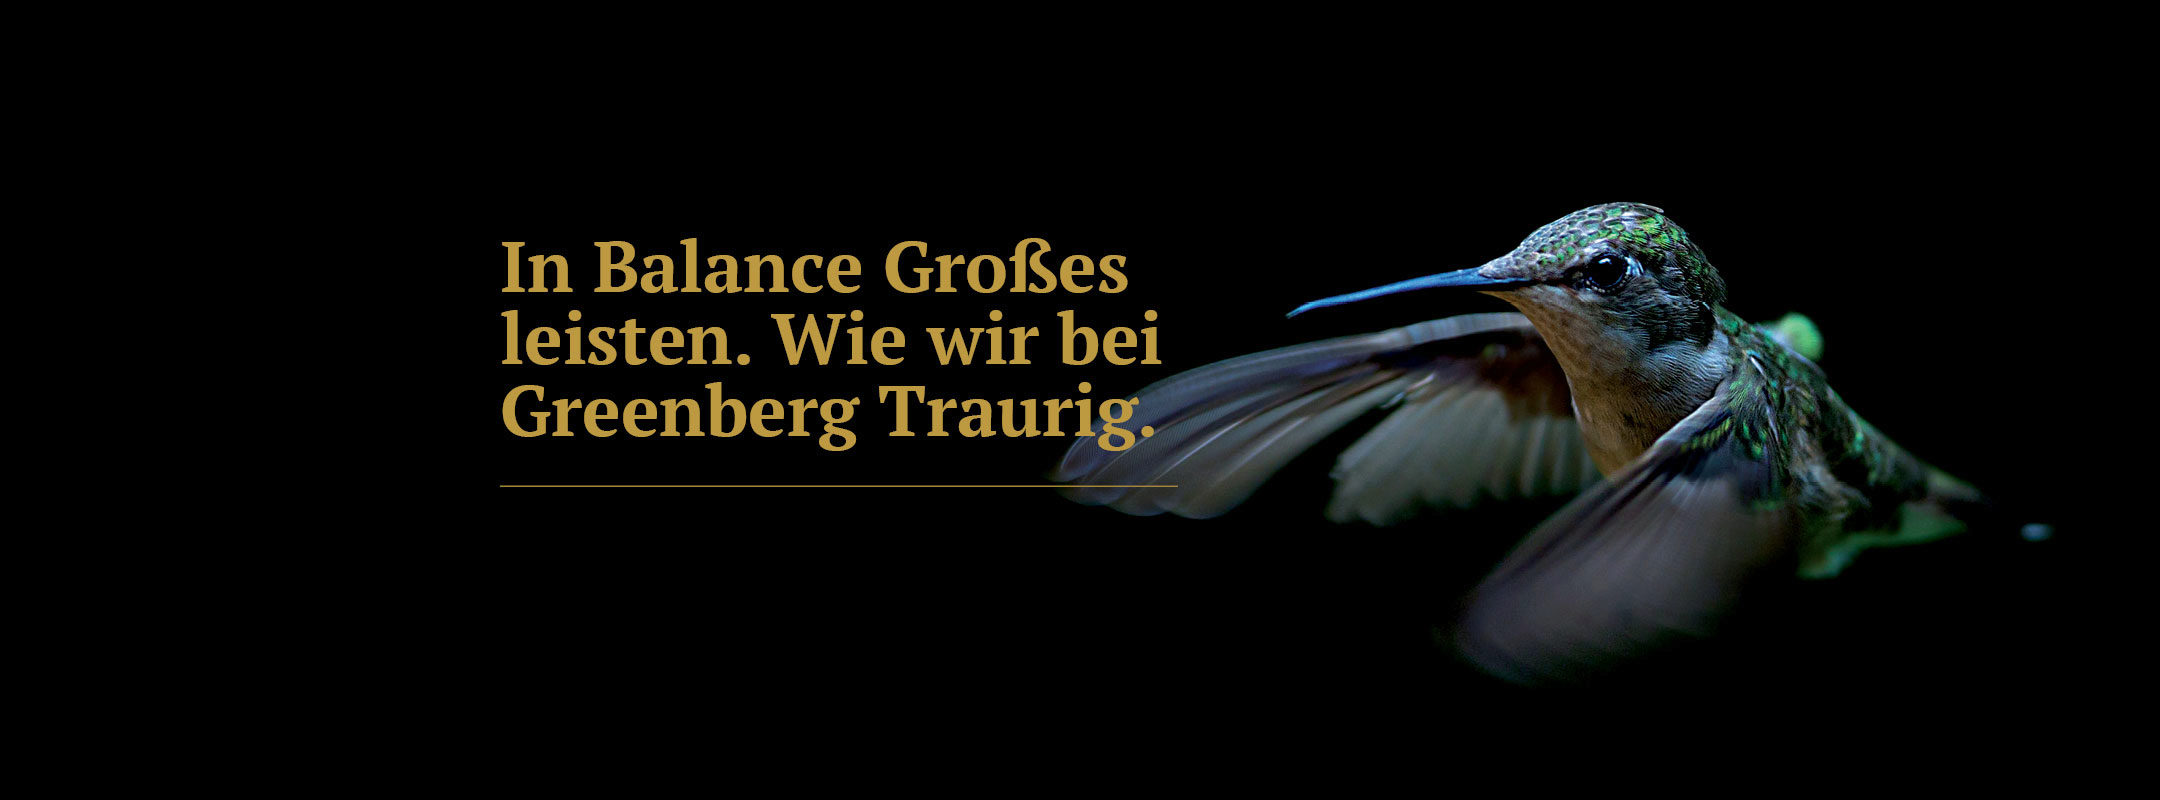 Greenberg Traurig Germany, LLP